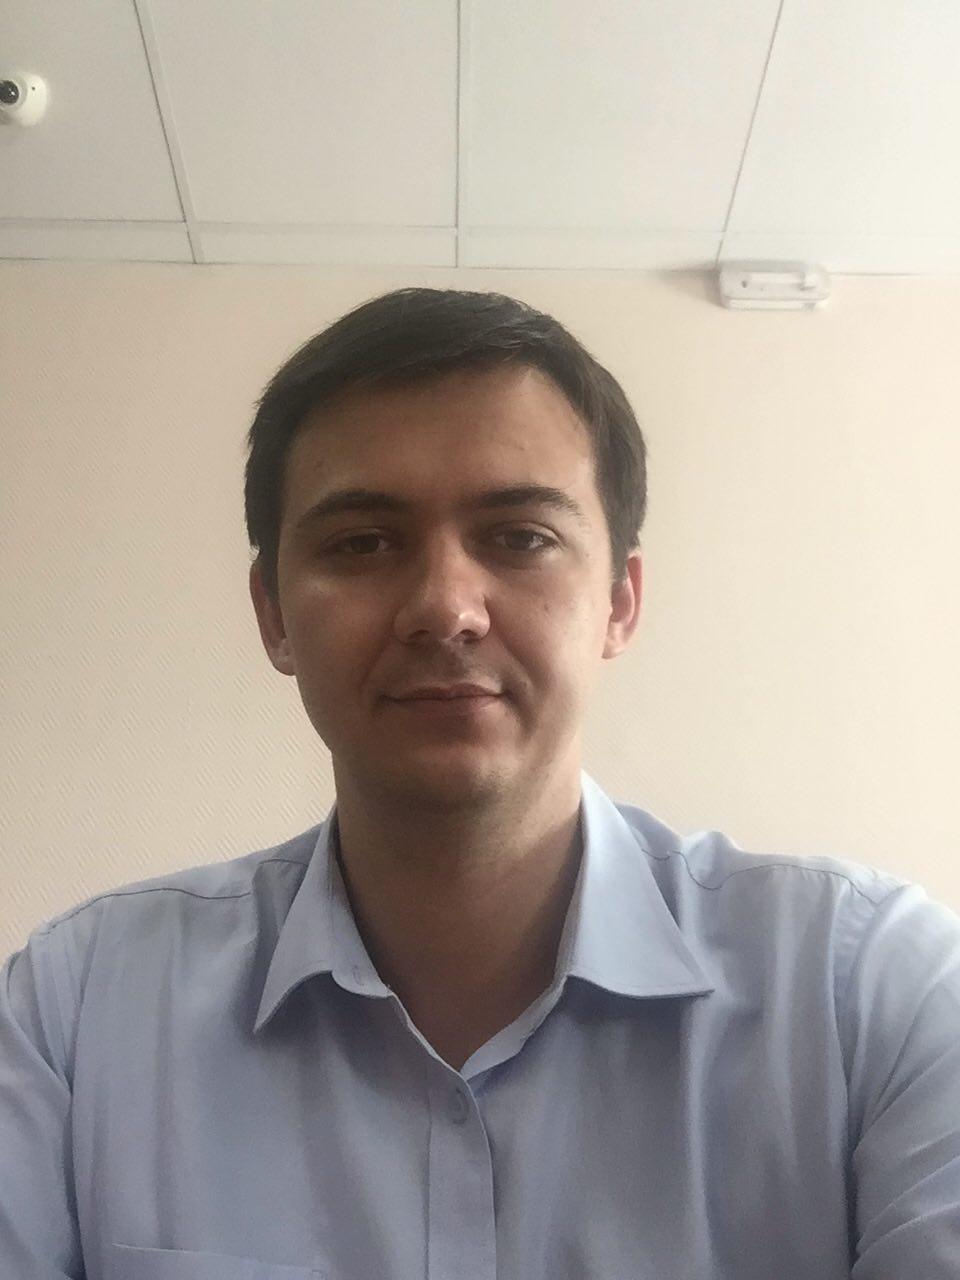 Олег Елисеев. Изображение взято с сайта orpravo.org